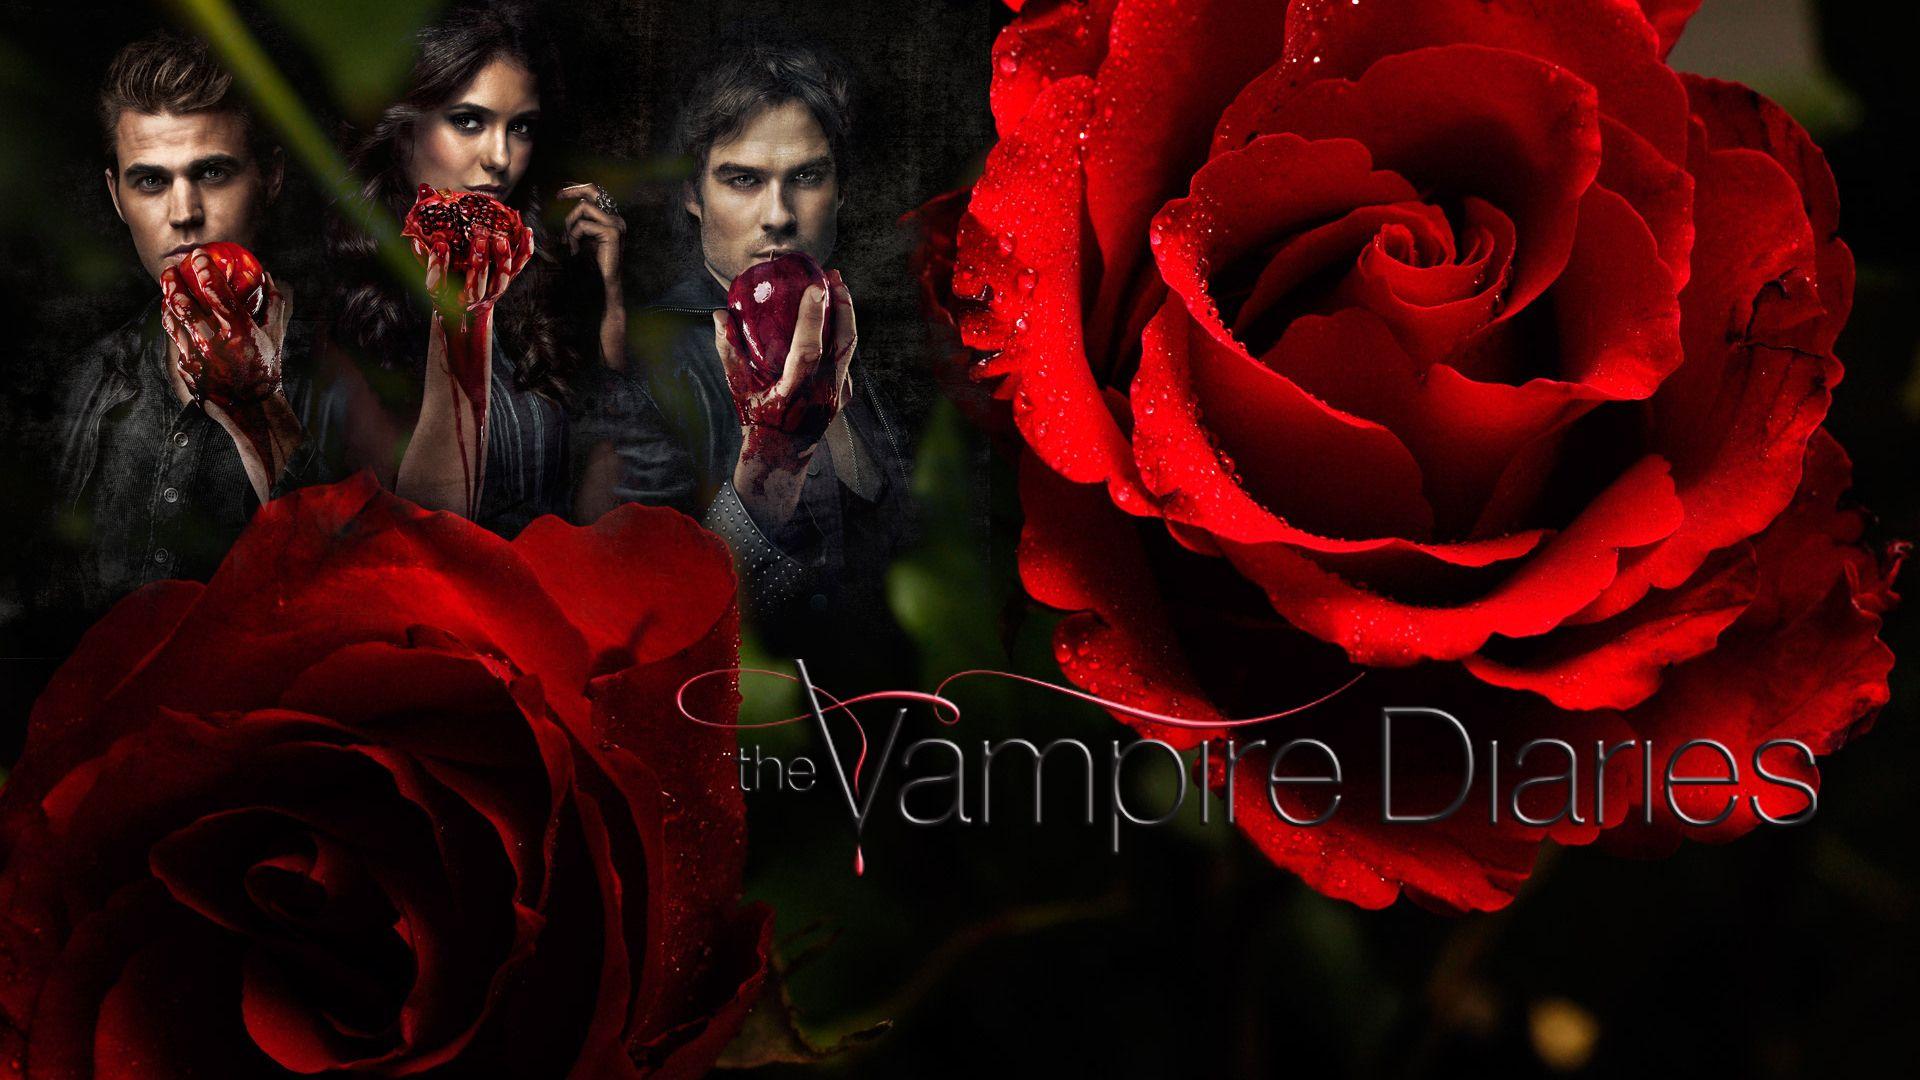 The Vampire Diaries Wallpaper Vampire Diaries Fan Art Vampire Diaries Wallpaper Vampire Diaries Vampire